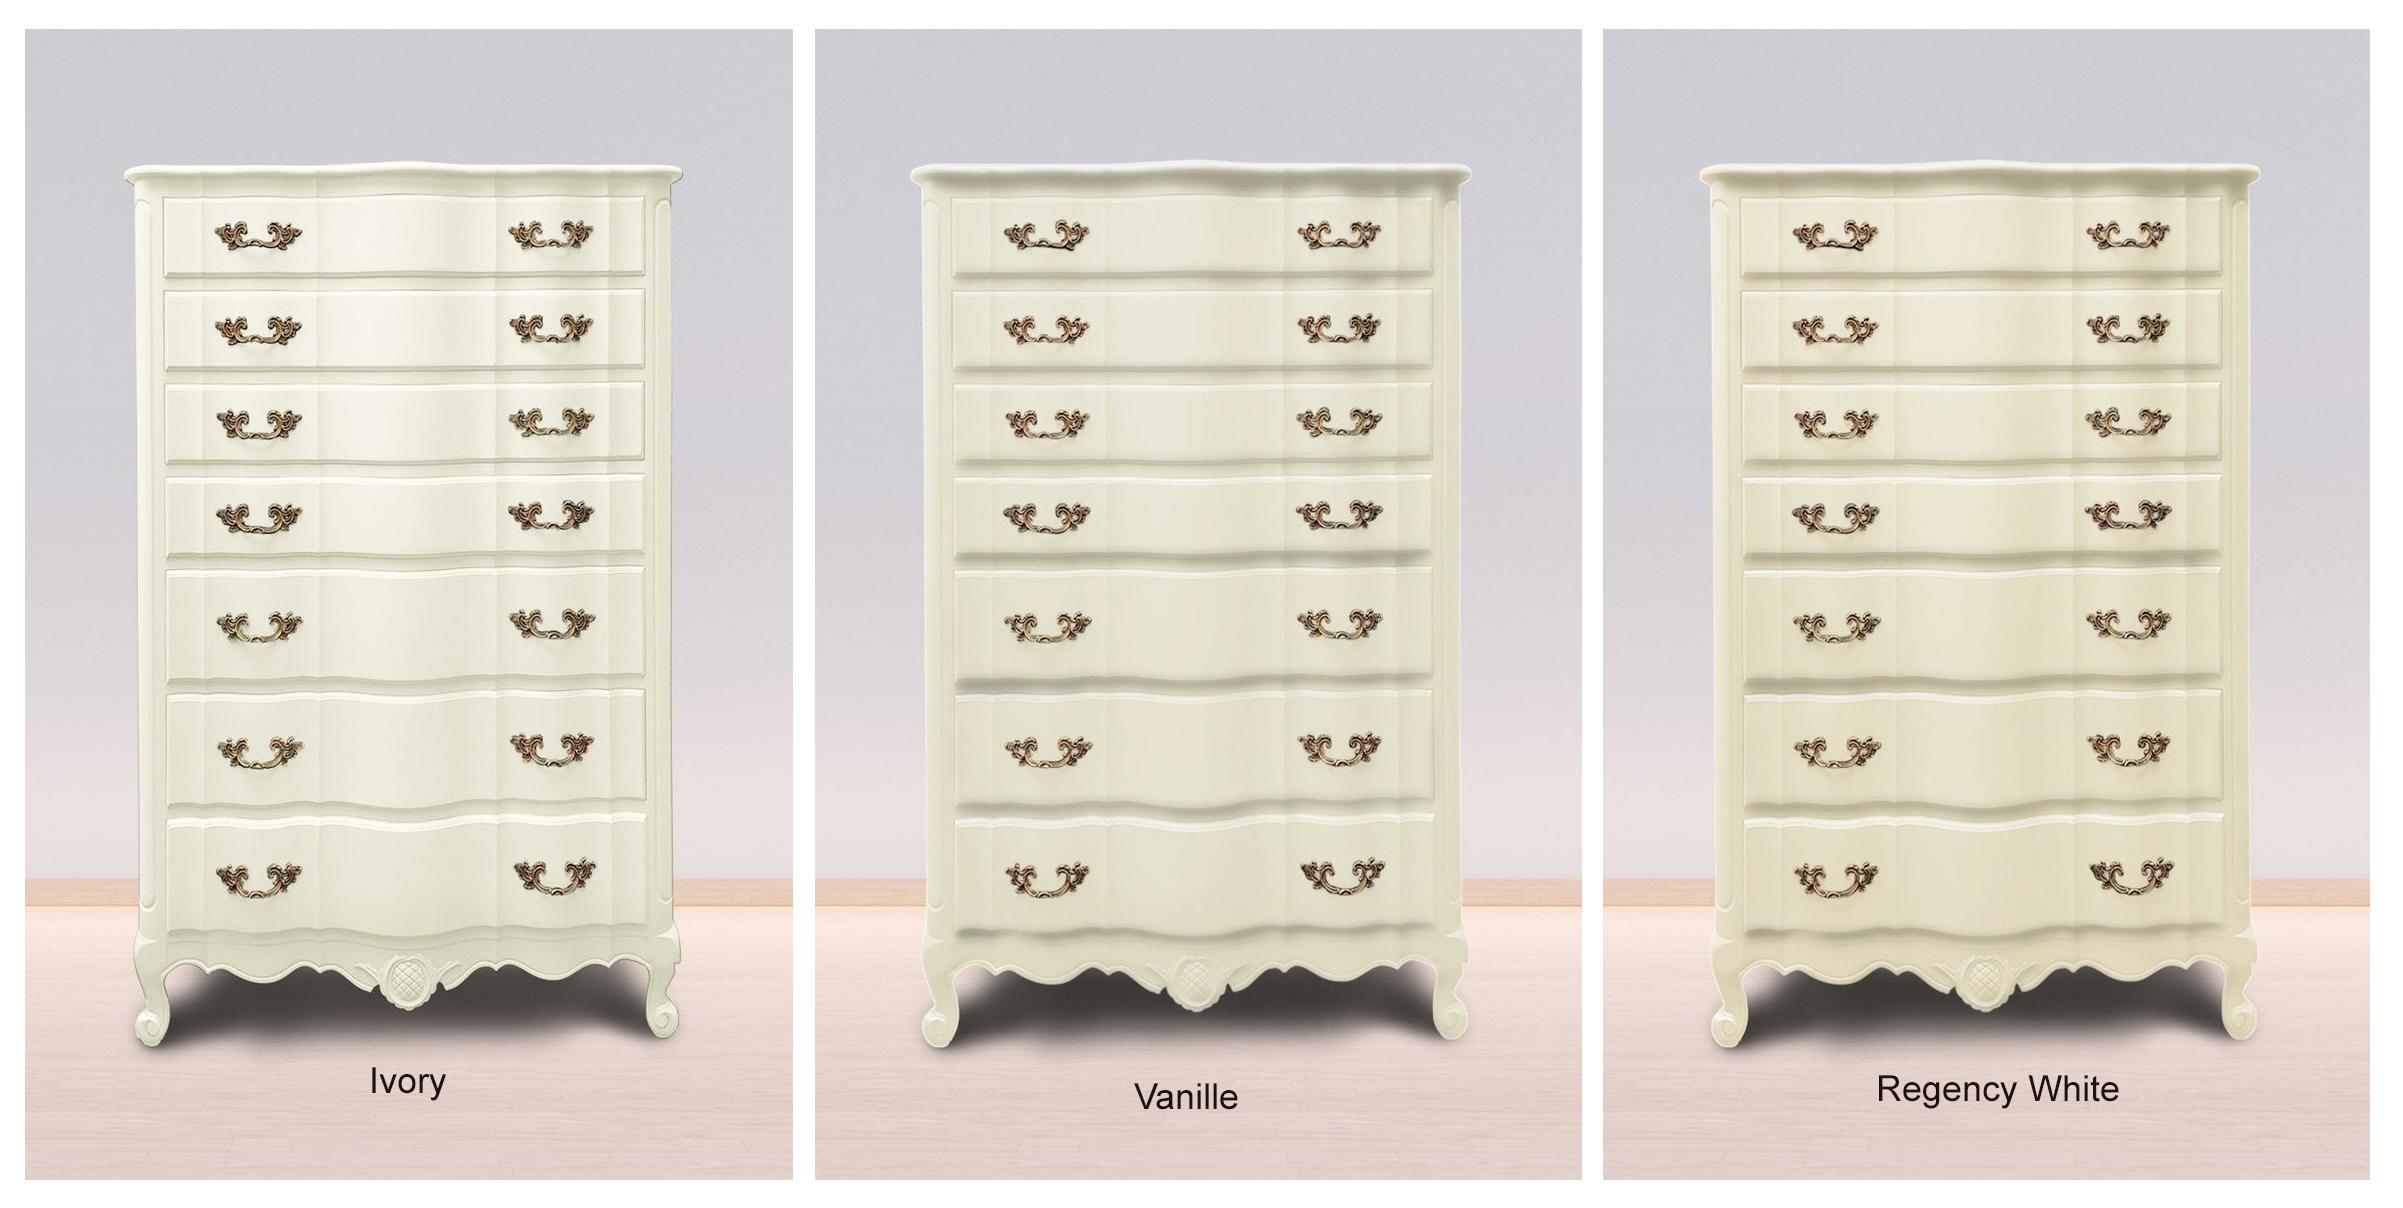 Ivory, Vanille & Regency White